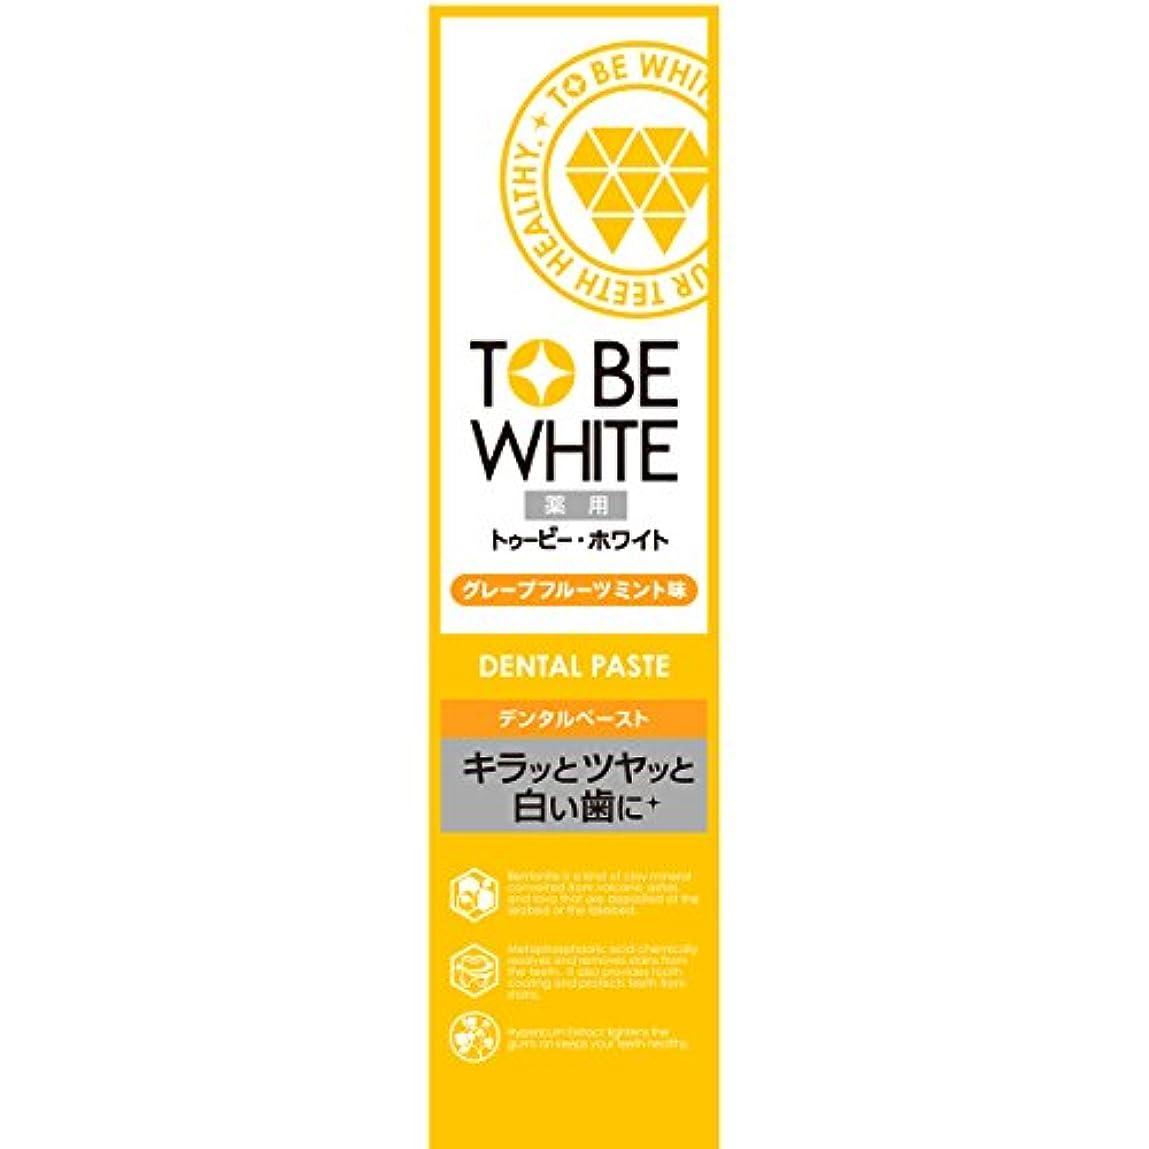 褐色売り手傘トゥービー?ホワイト 薬用 ホワイトニング ハミガキ粉 グレープフルーツミント 味 60g 【医薬部外品】